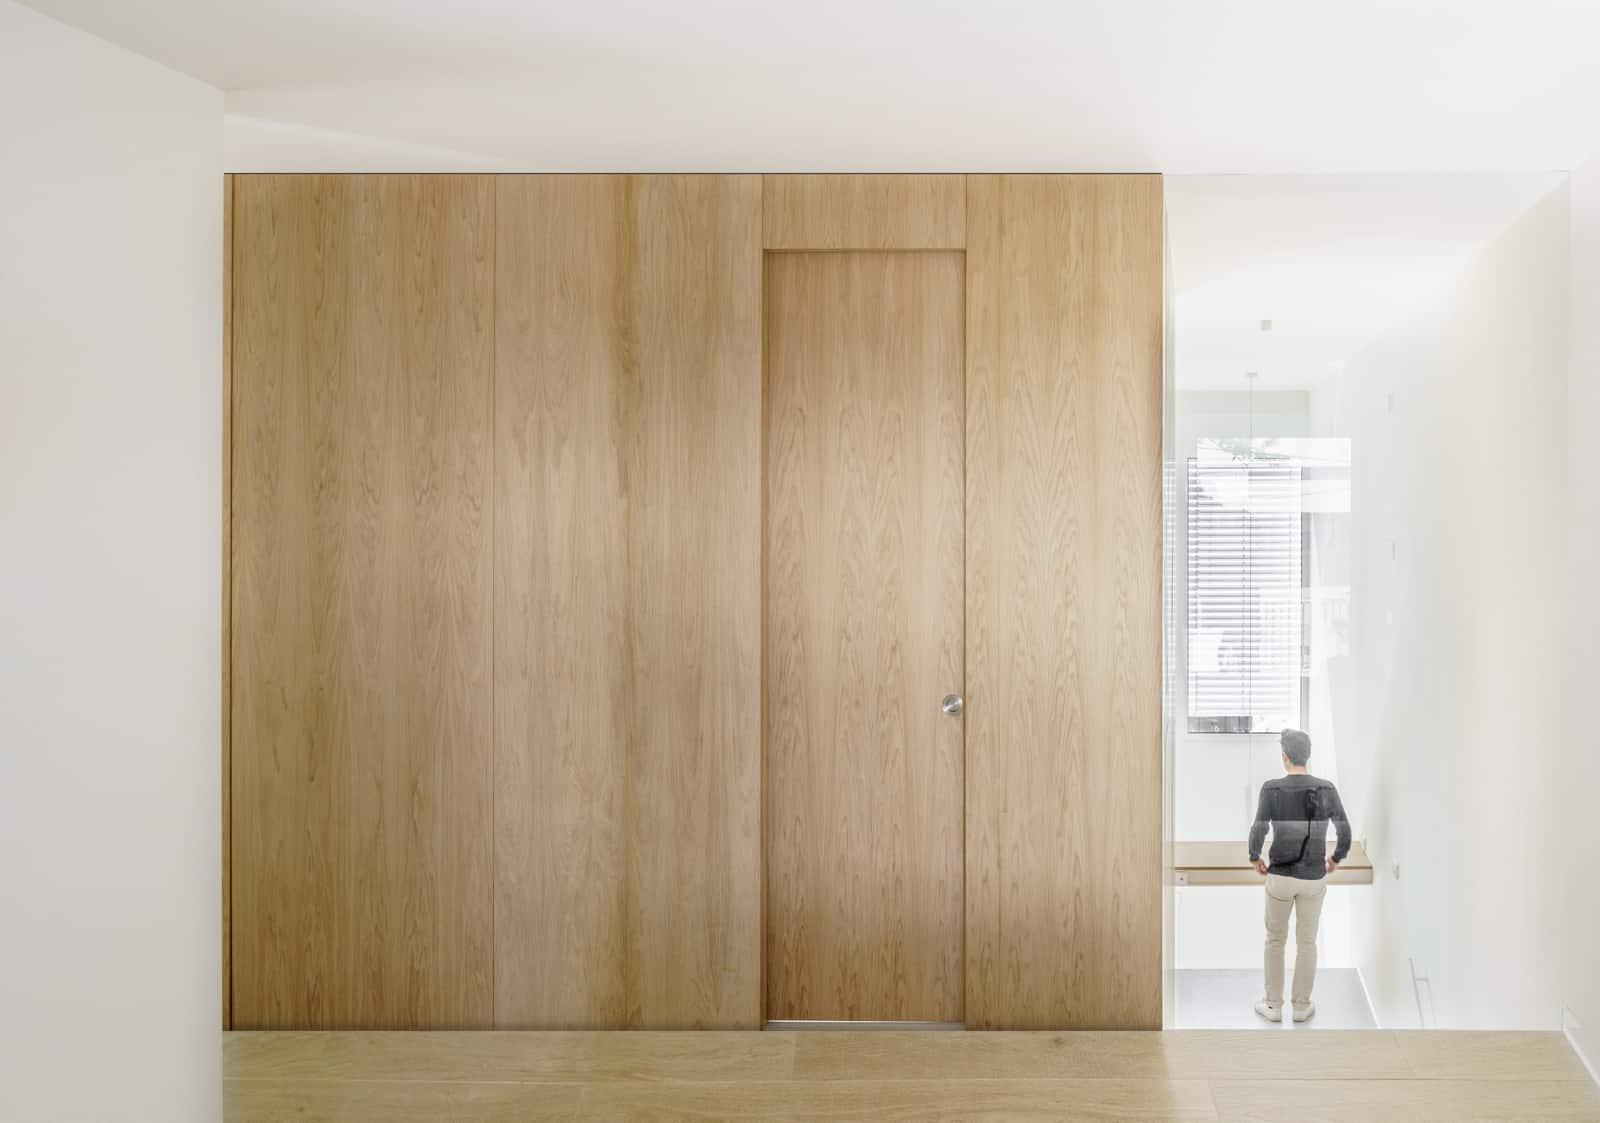 Woodcase House  - 20210907 AyllonParadelaDeAndres Woodcase 10 50